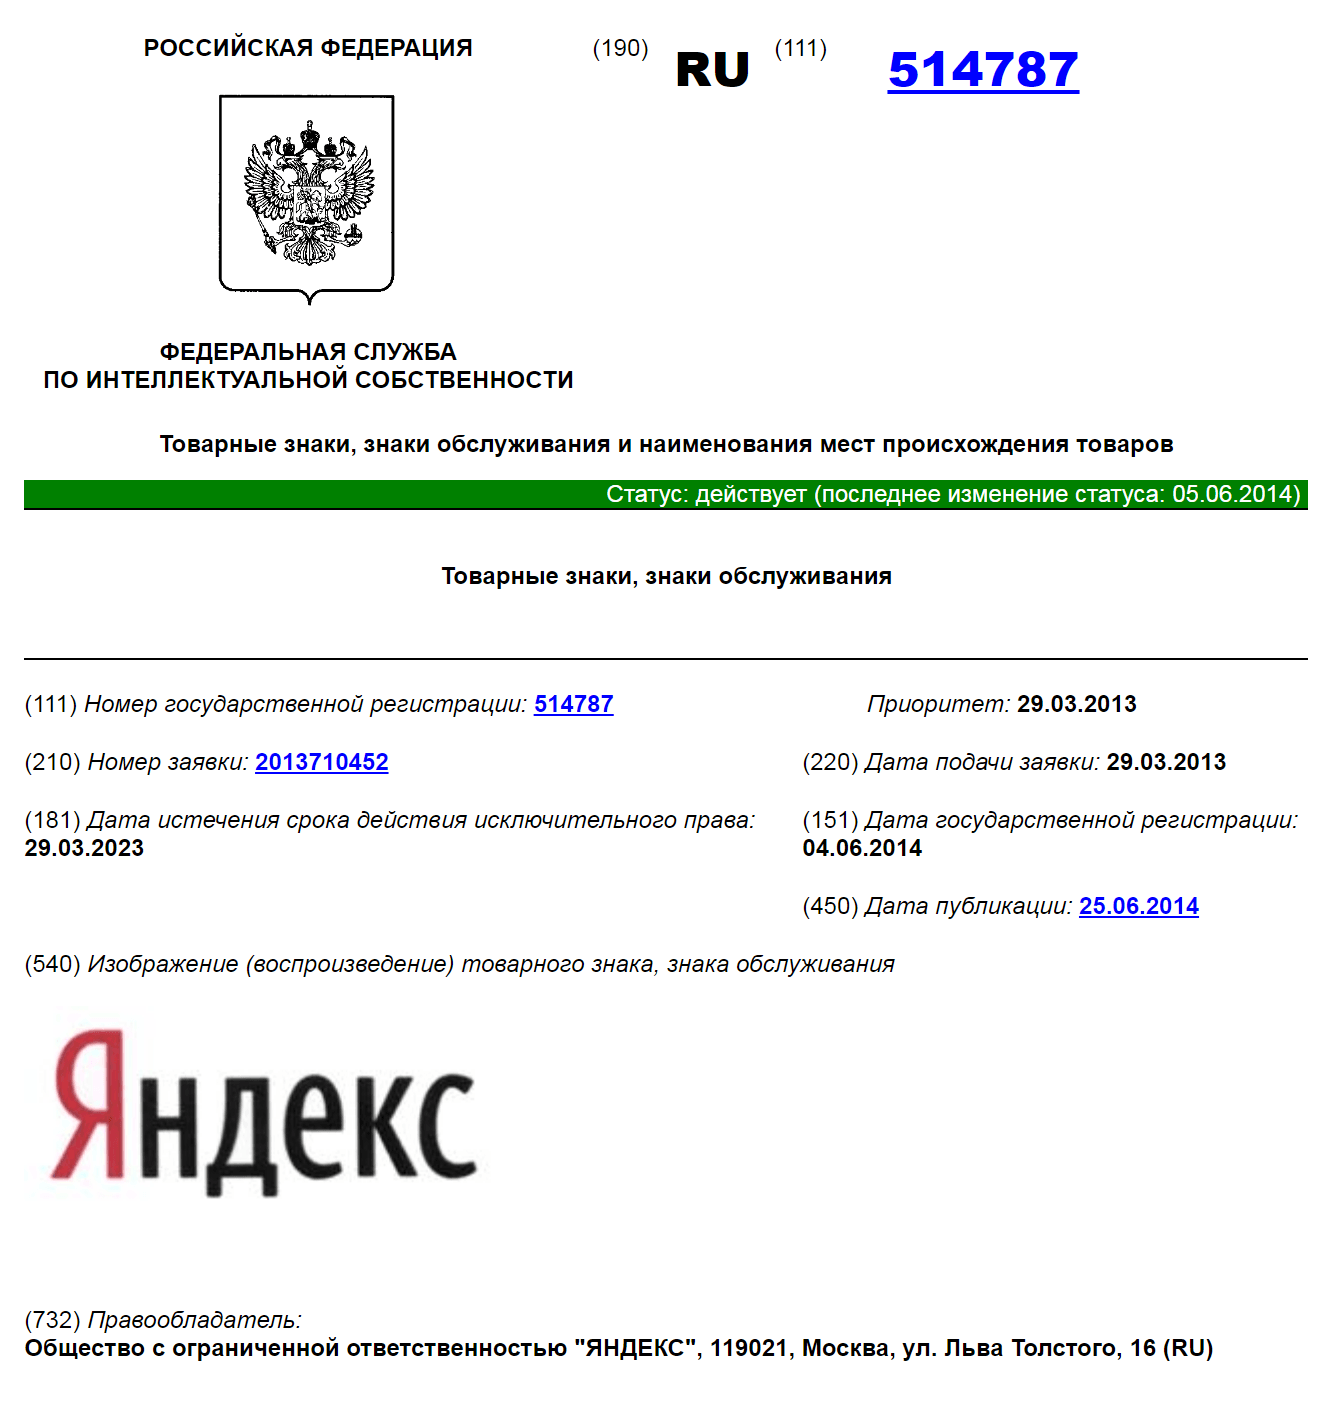 «Яндекс» — это акроним, который выглядит как выдуманное название